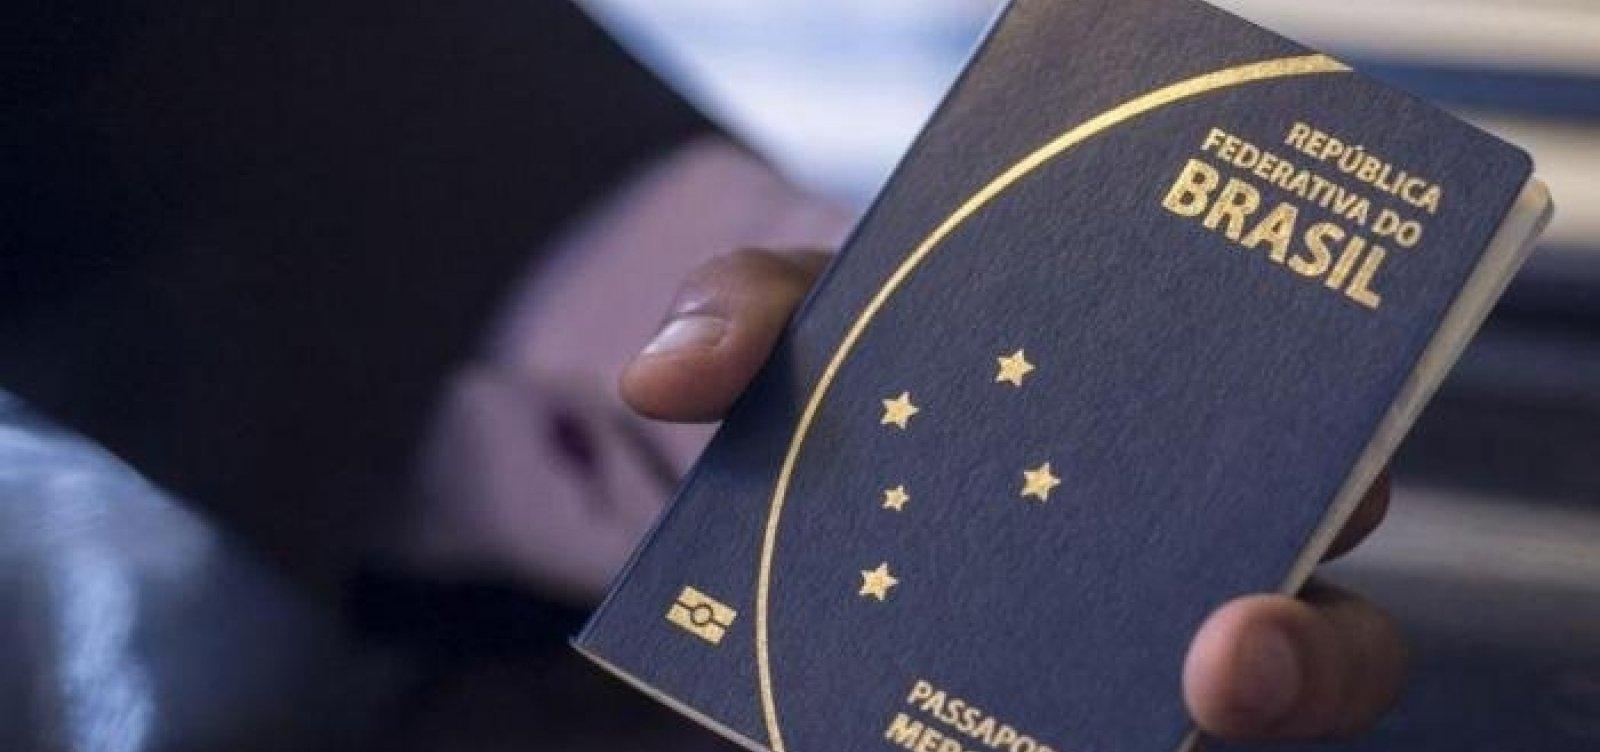 [Isenção de visto para cidadãos dos EUA, Canadá, Japão e Austrália entra em vigor]